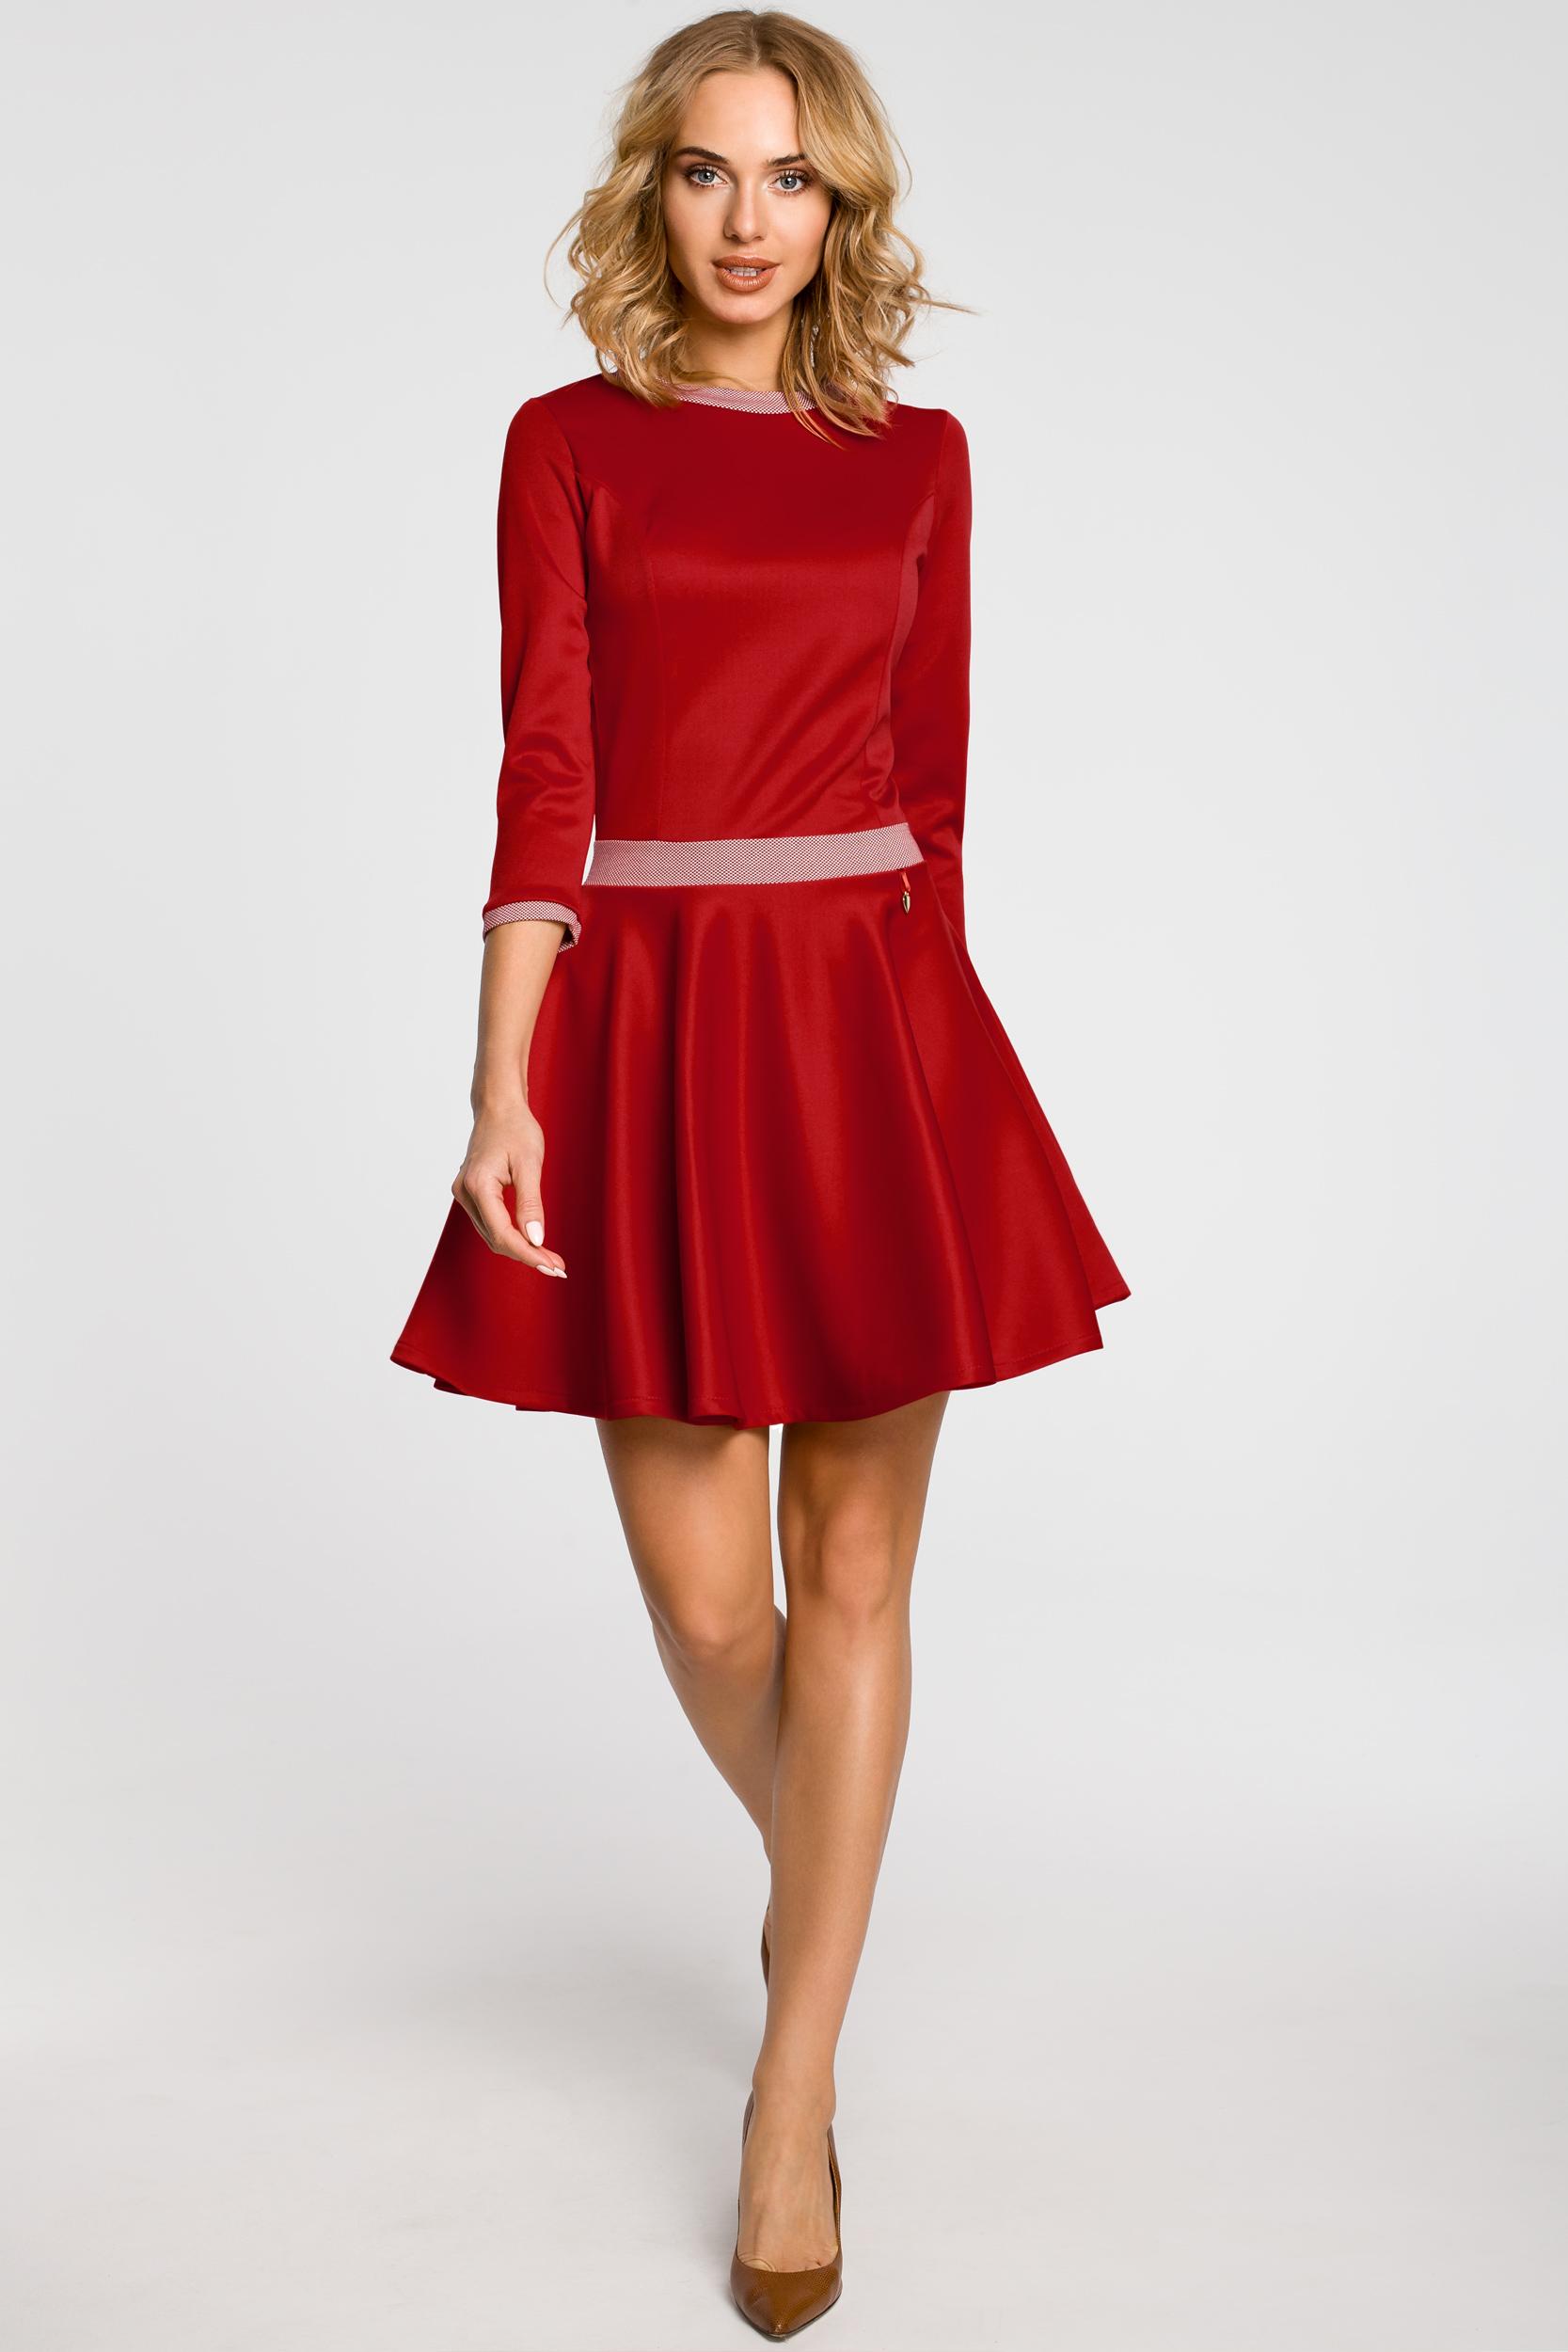 CM0355 Elegancka sukienka rozkloszowana z koła - czerwona